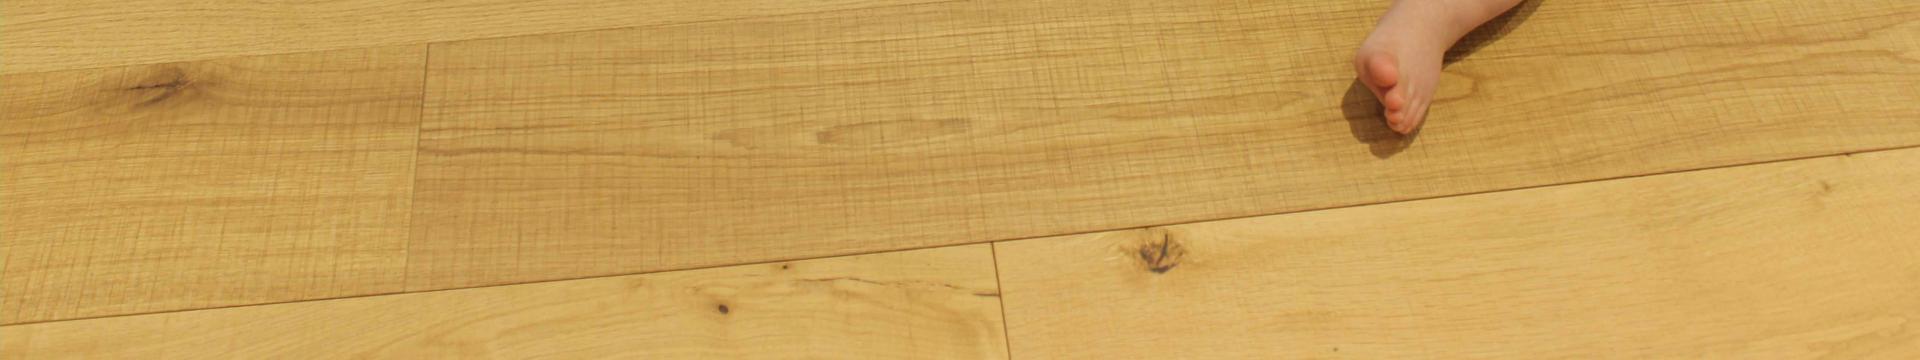 BenesserePiu': la nuova finitura naturale per pavimenti igienizzati, antibatterici e benessere indoor